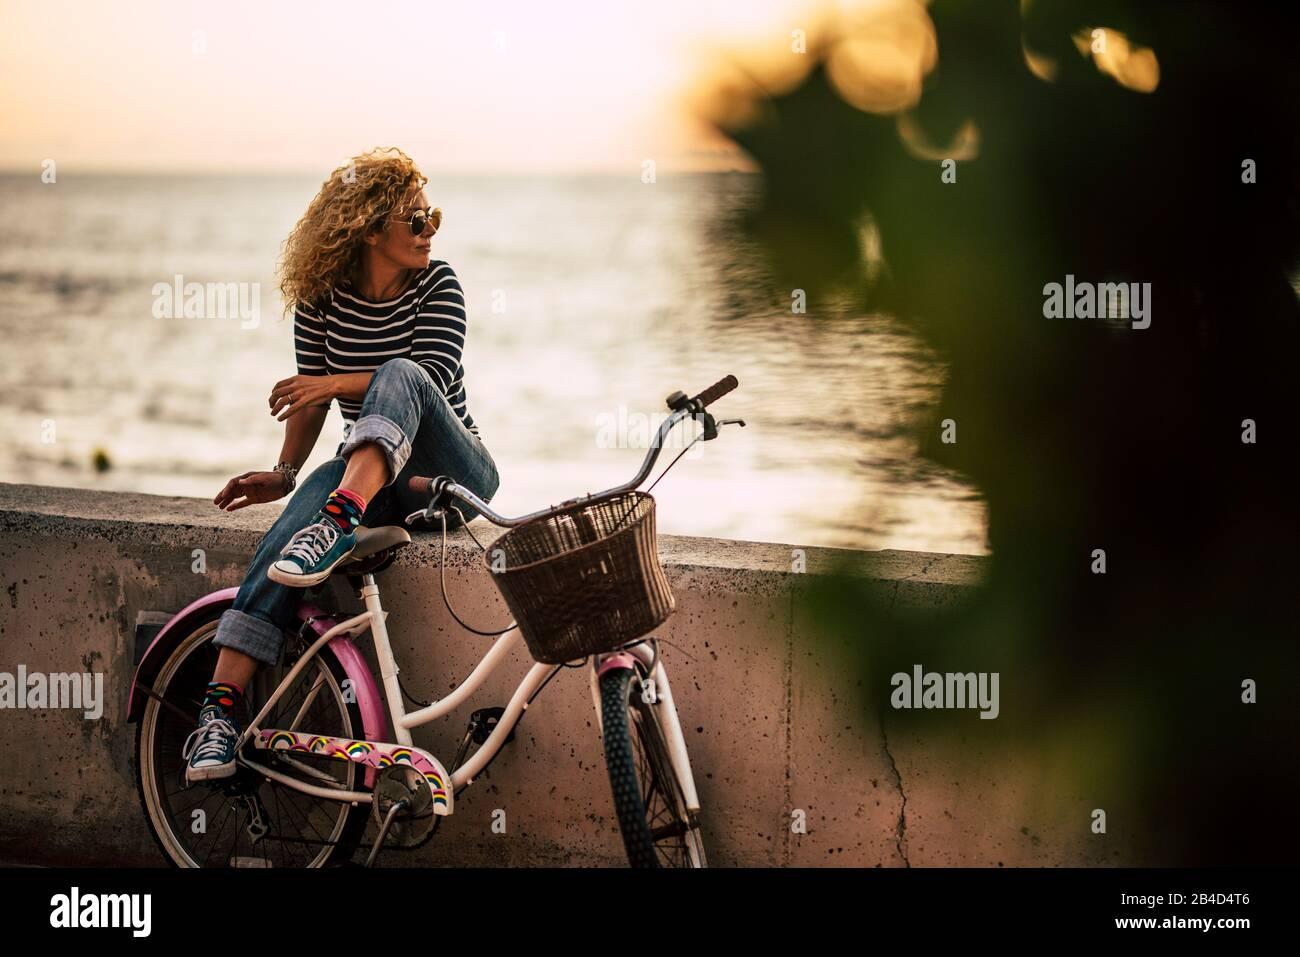 Femme caucasienne adulte profitant d'activités de loisirs outdor reposant après une balade sur un vélo d'époque, assis sur un mur en regardant l'océan - sain vie active personnes Banque D'Images